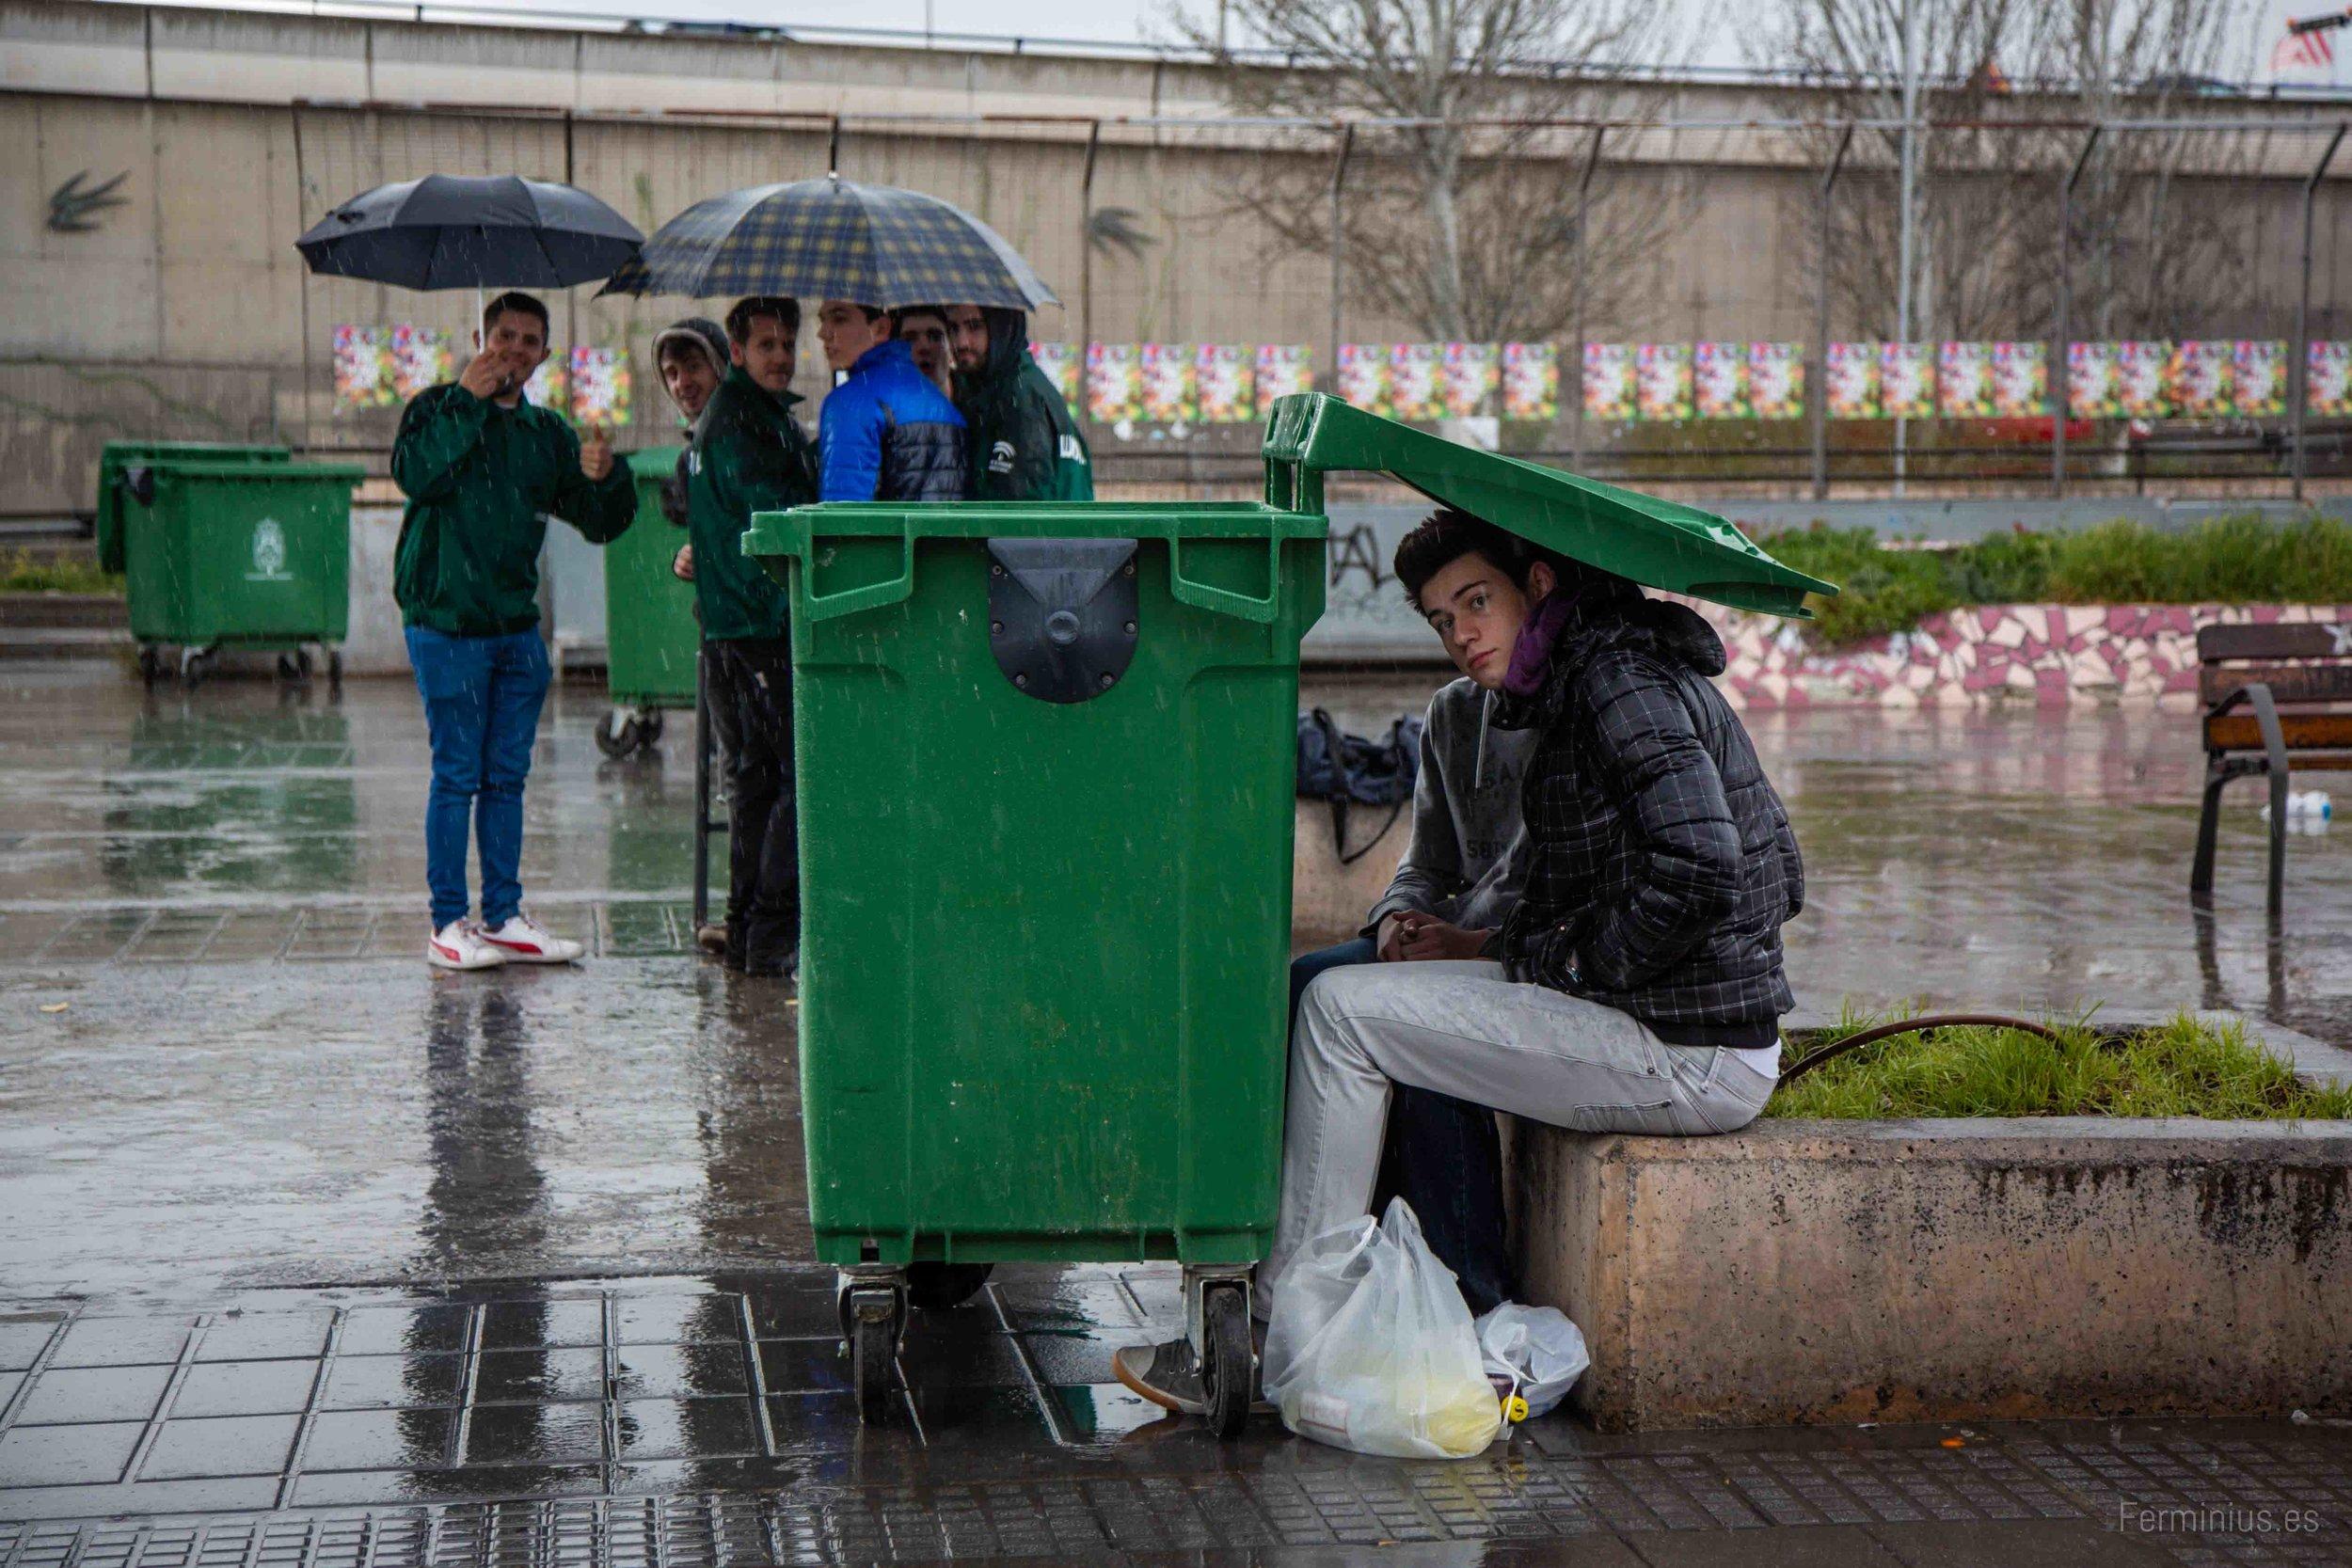 20/3/15 - Jóvenes se refugian de la lluvia durante la Fiesta de la Primavera, en el antiguo botellódromo de Granada